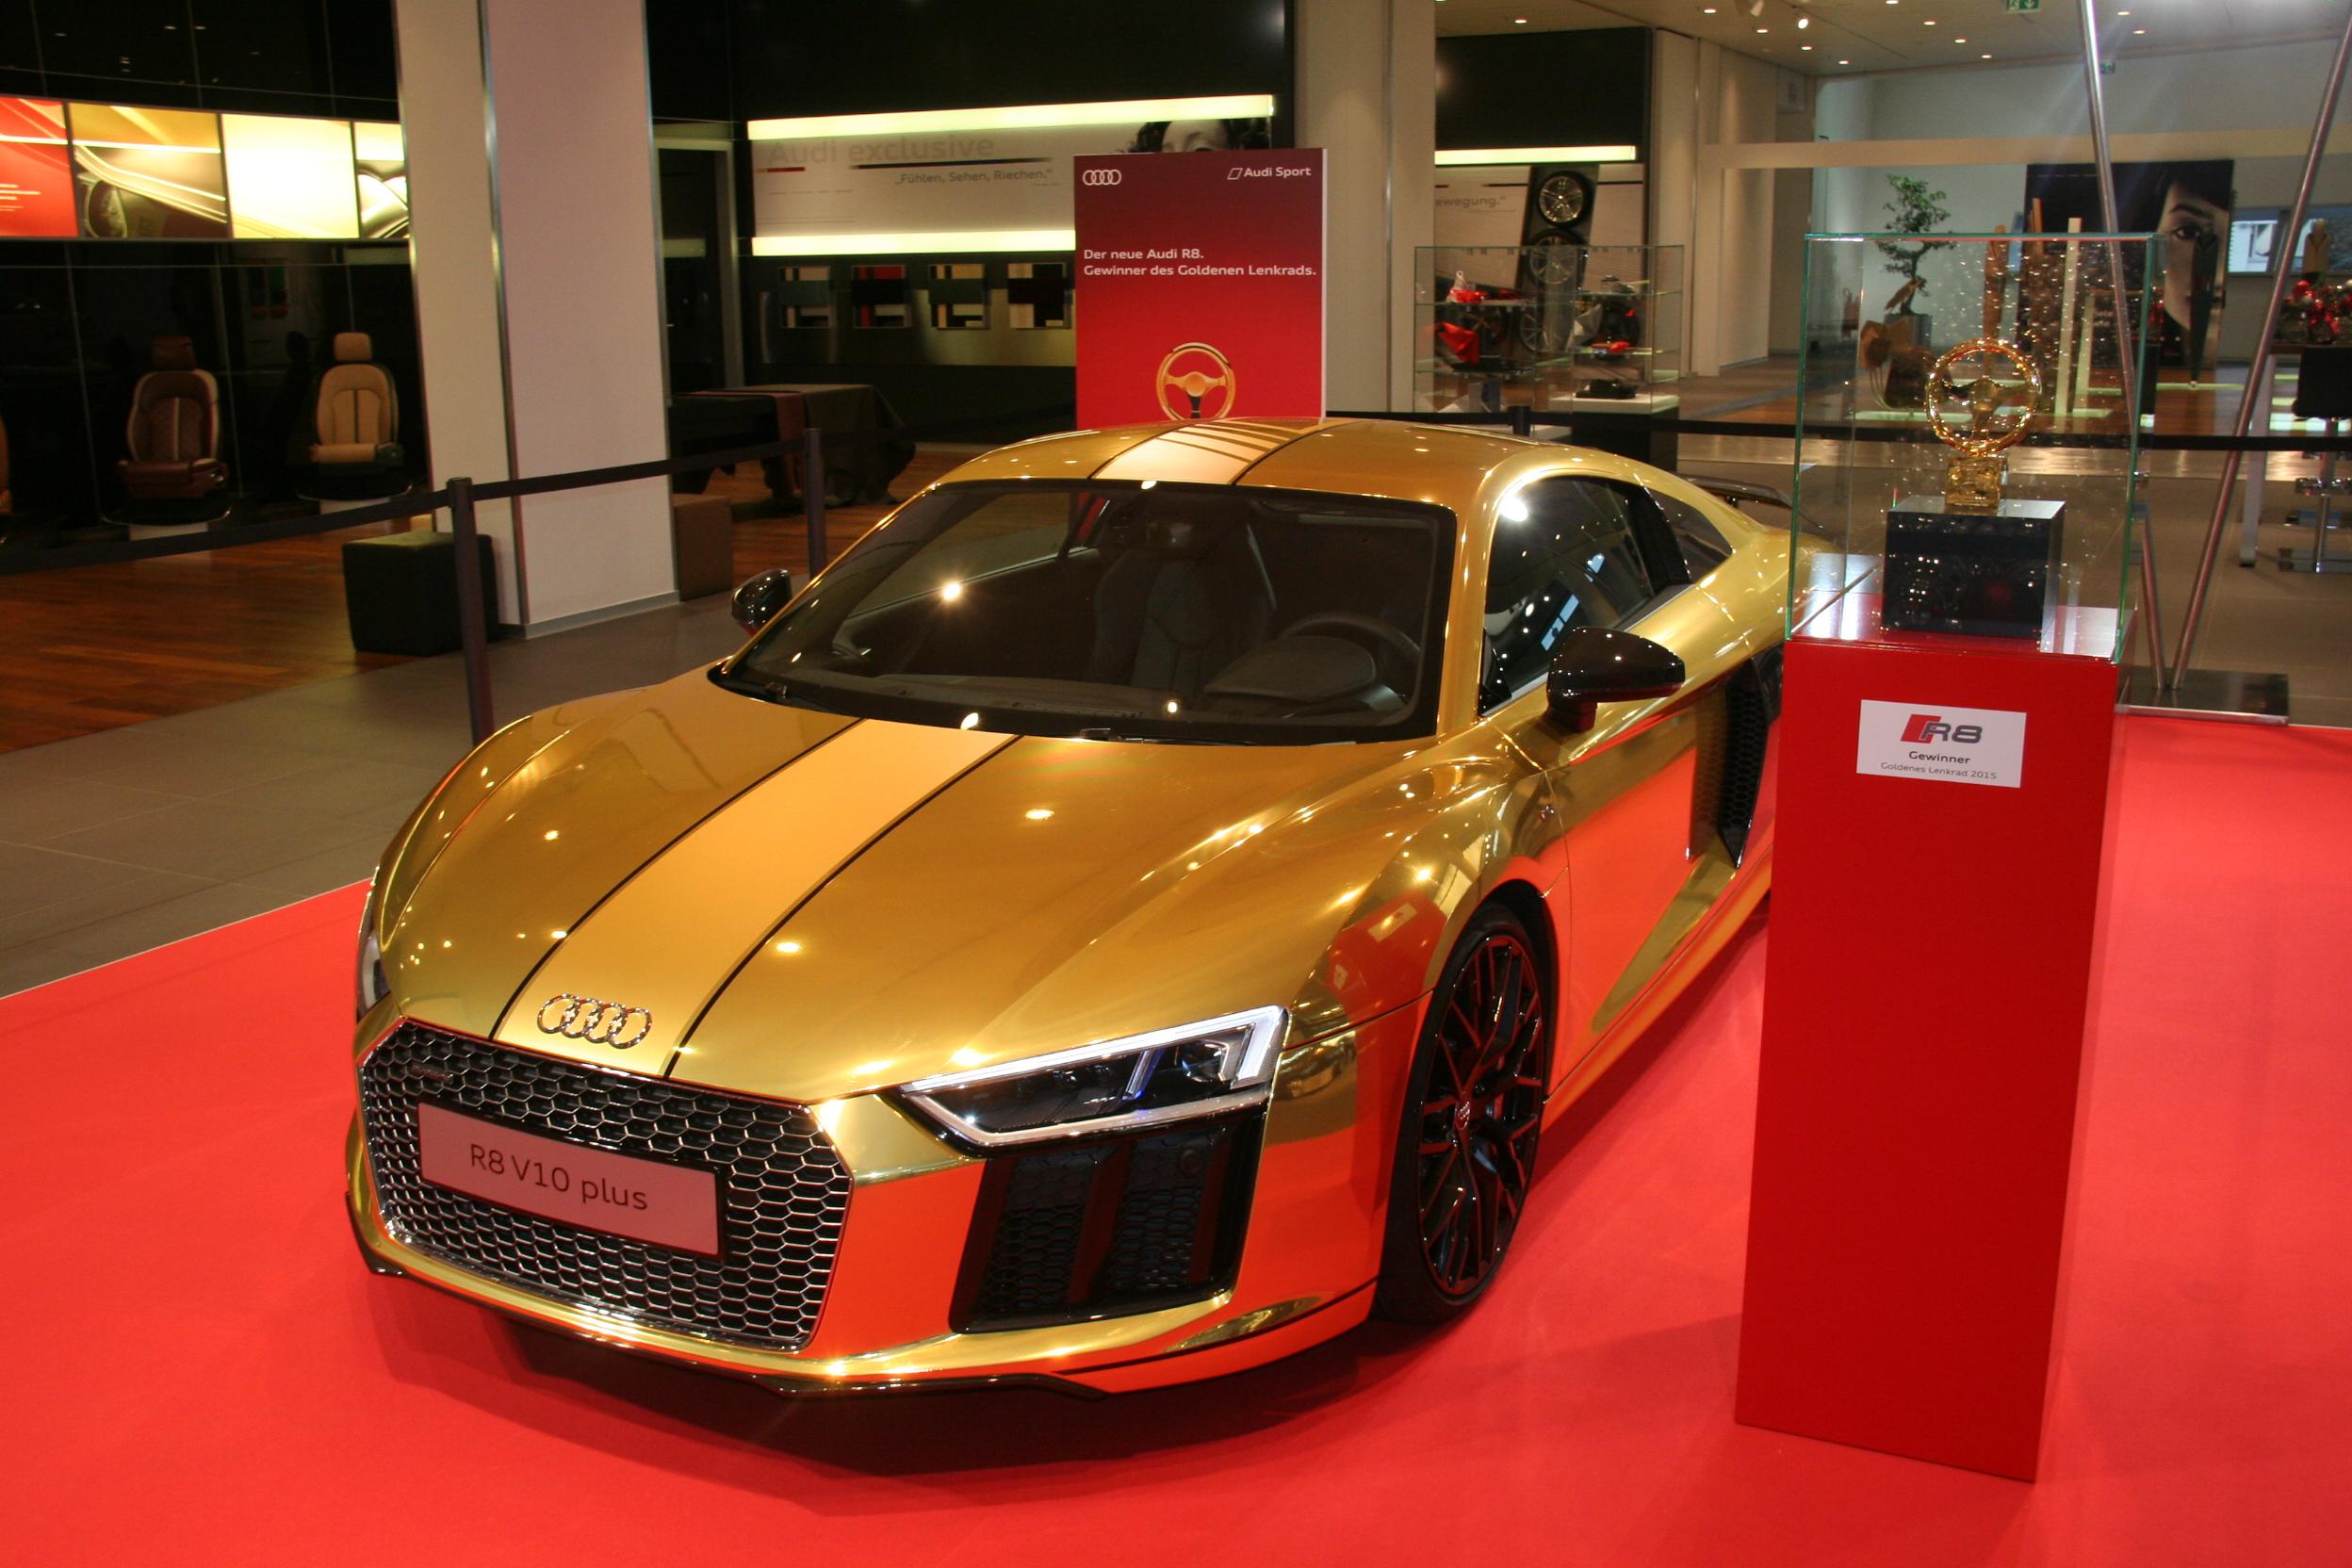 Une Audi R8 V10 plus en or à l'Audi Forum Neckarsulm - Récompense Volant d'or 2015